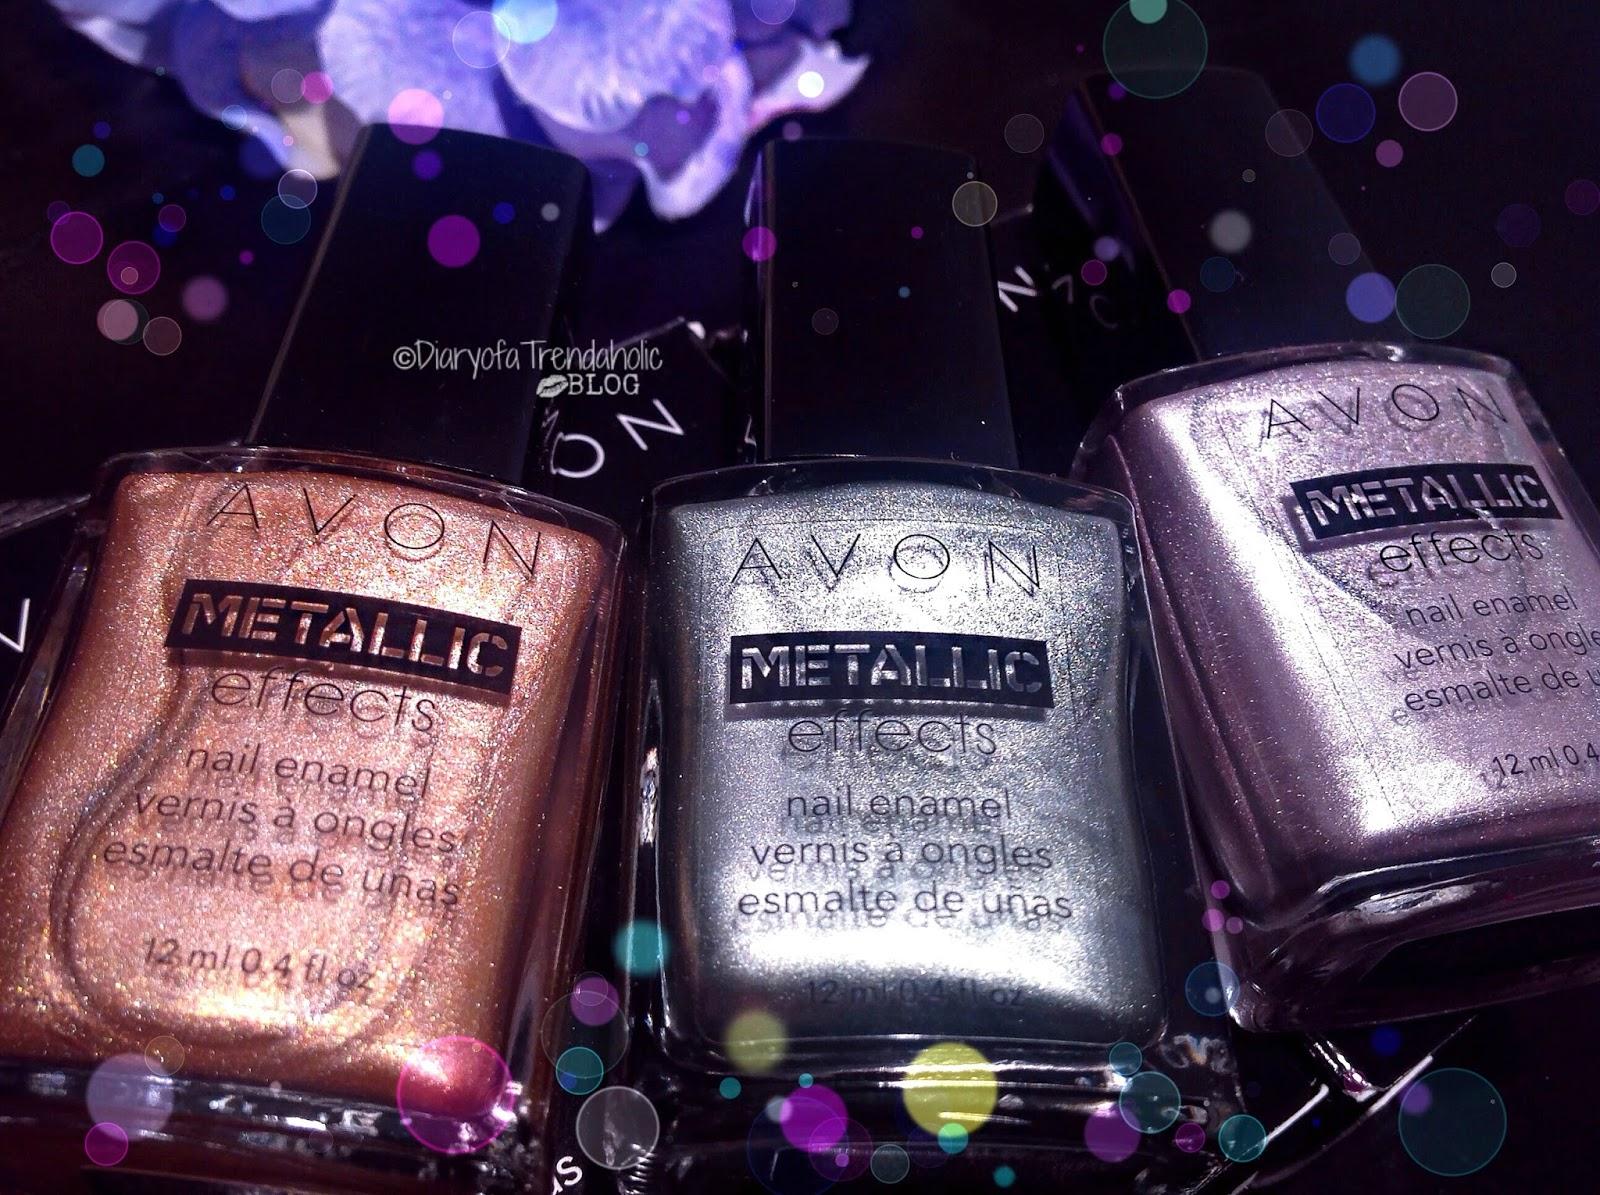 Diary Of A Trendaholic Avon Metallic Effects Nail Enamel Review